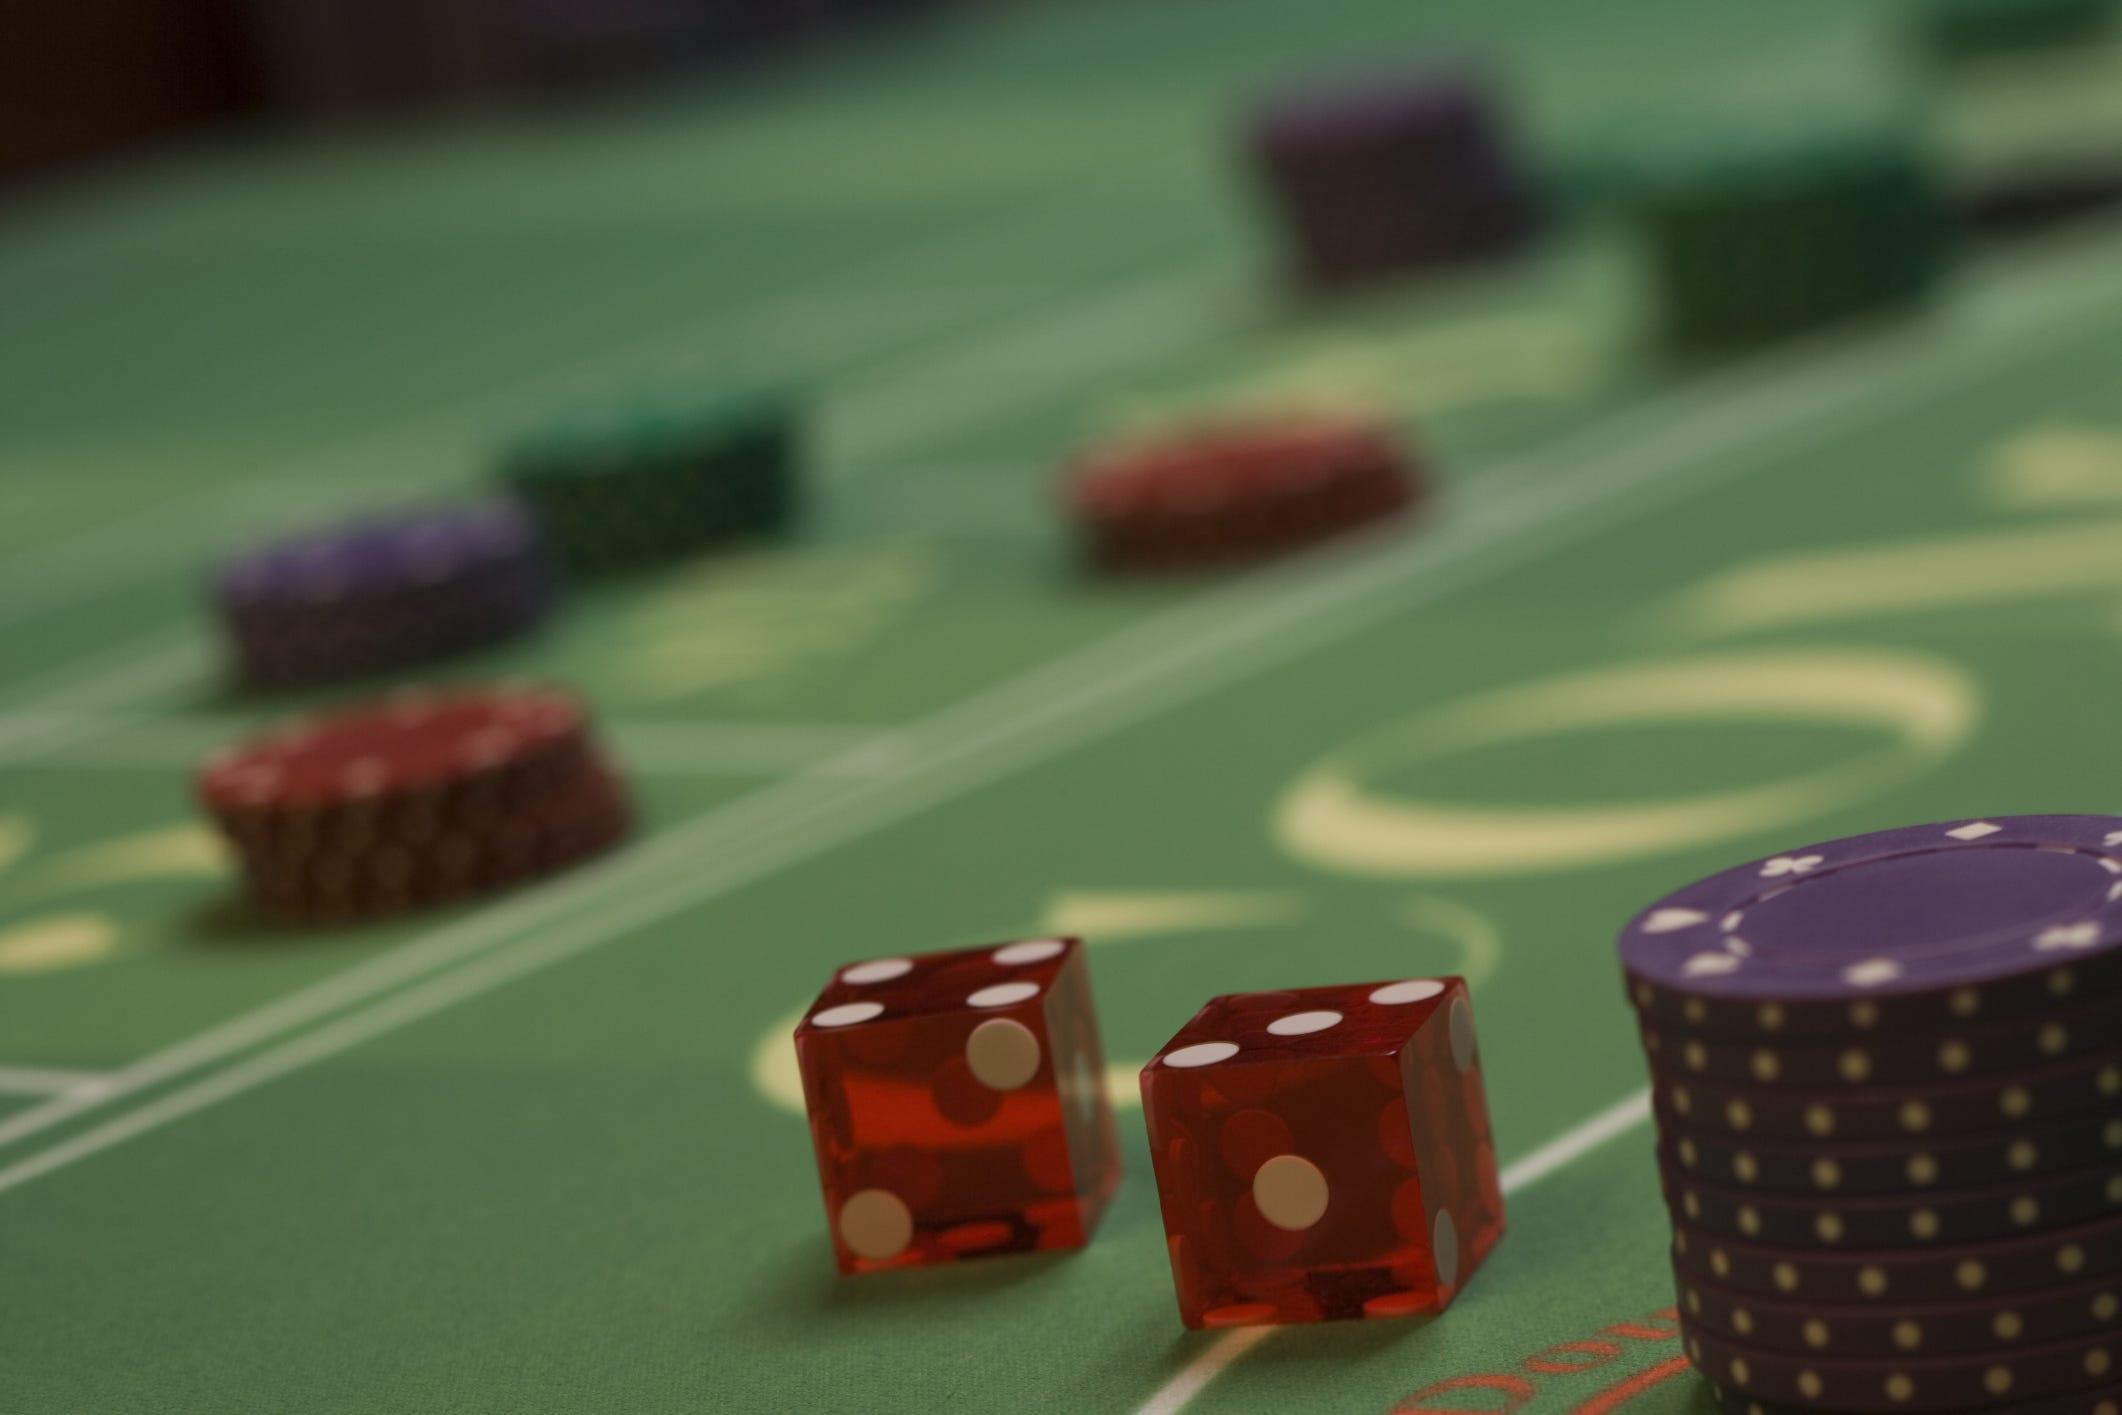 888 casino software provider